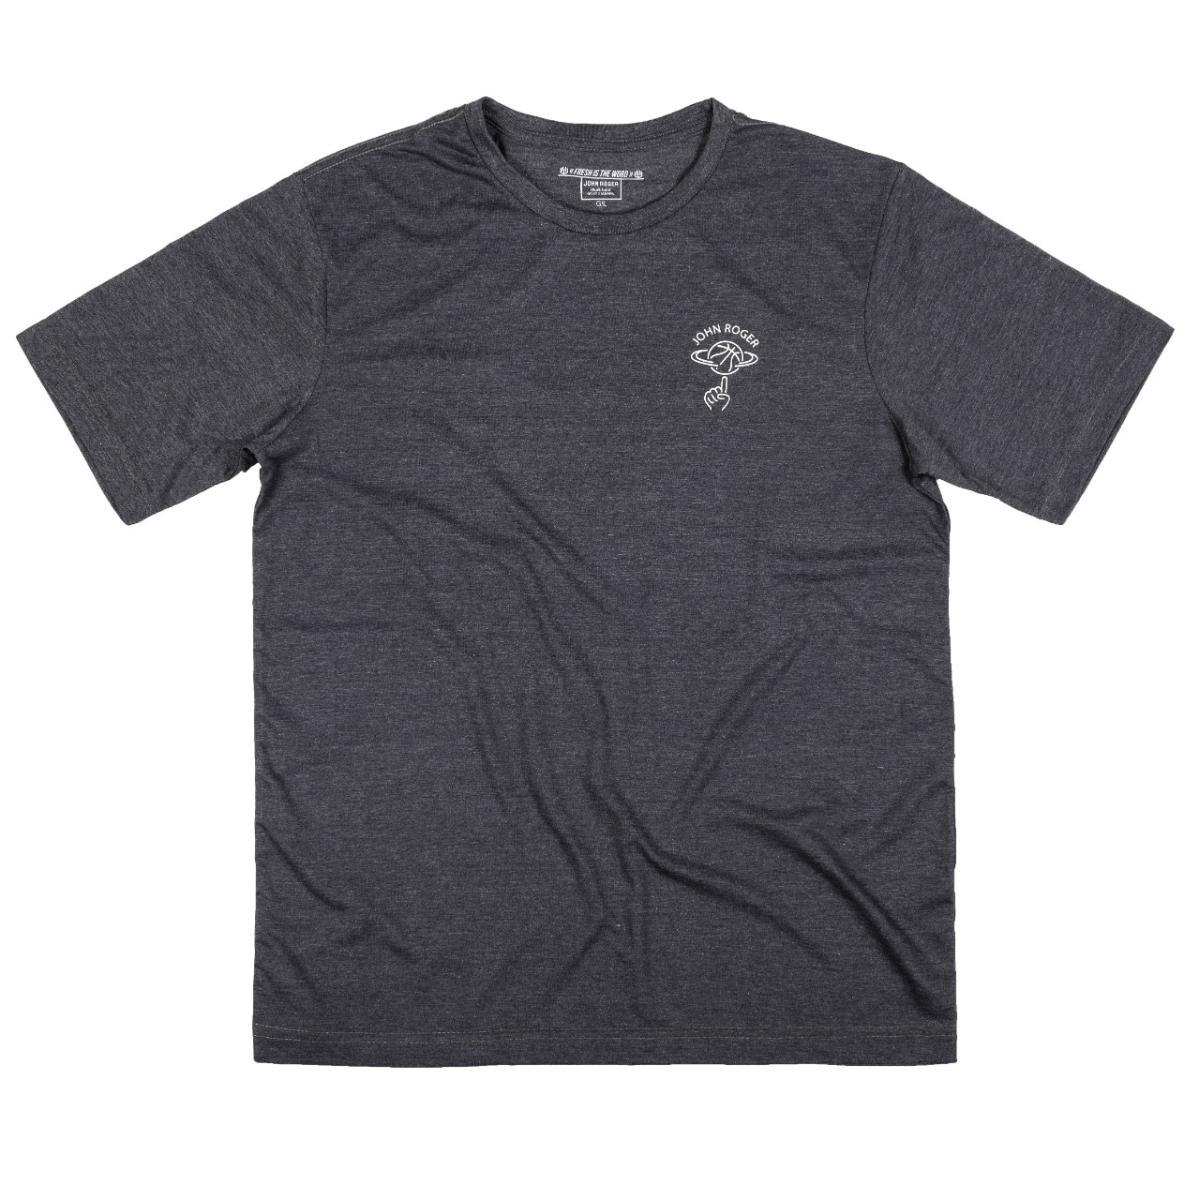 Camiseta John Roger - Basket ball